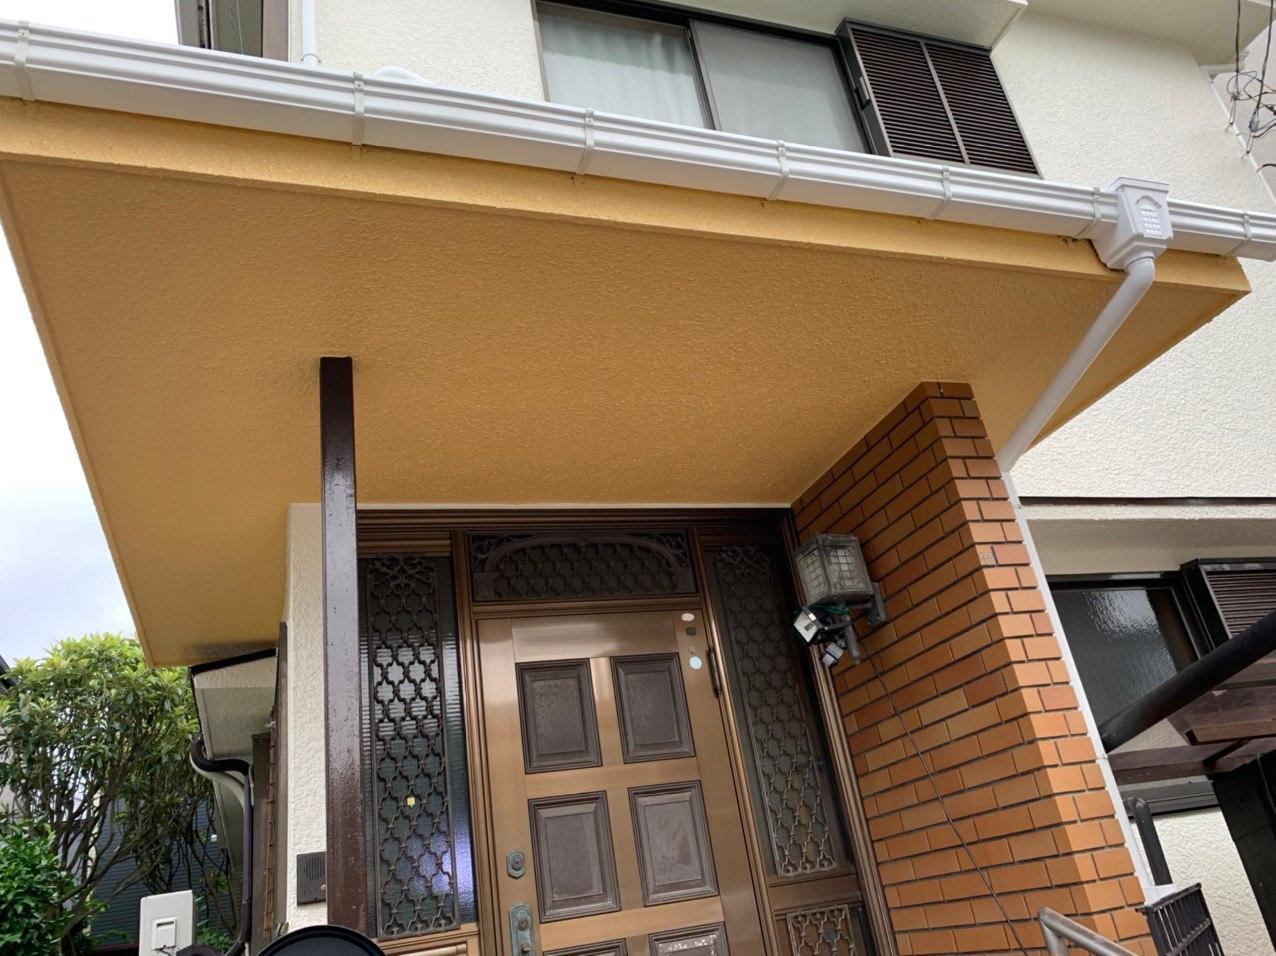 東京都武蔵村山市にて雨どい交換&塗装を行いました!梅雨の時期は雨どいをチェック!